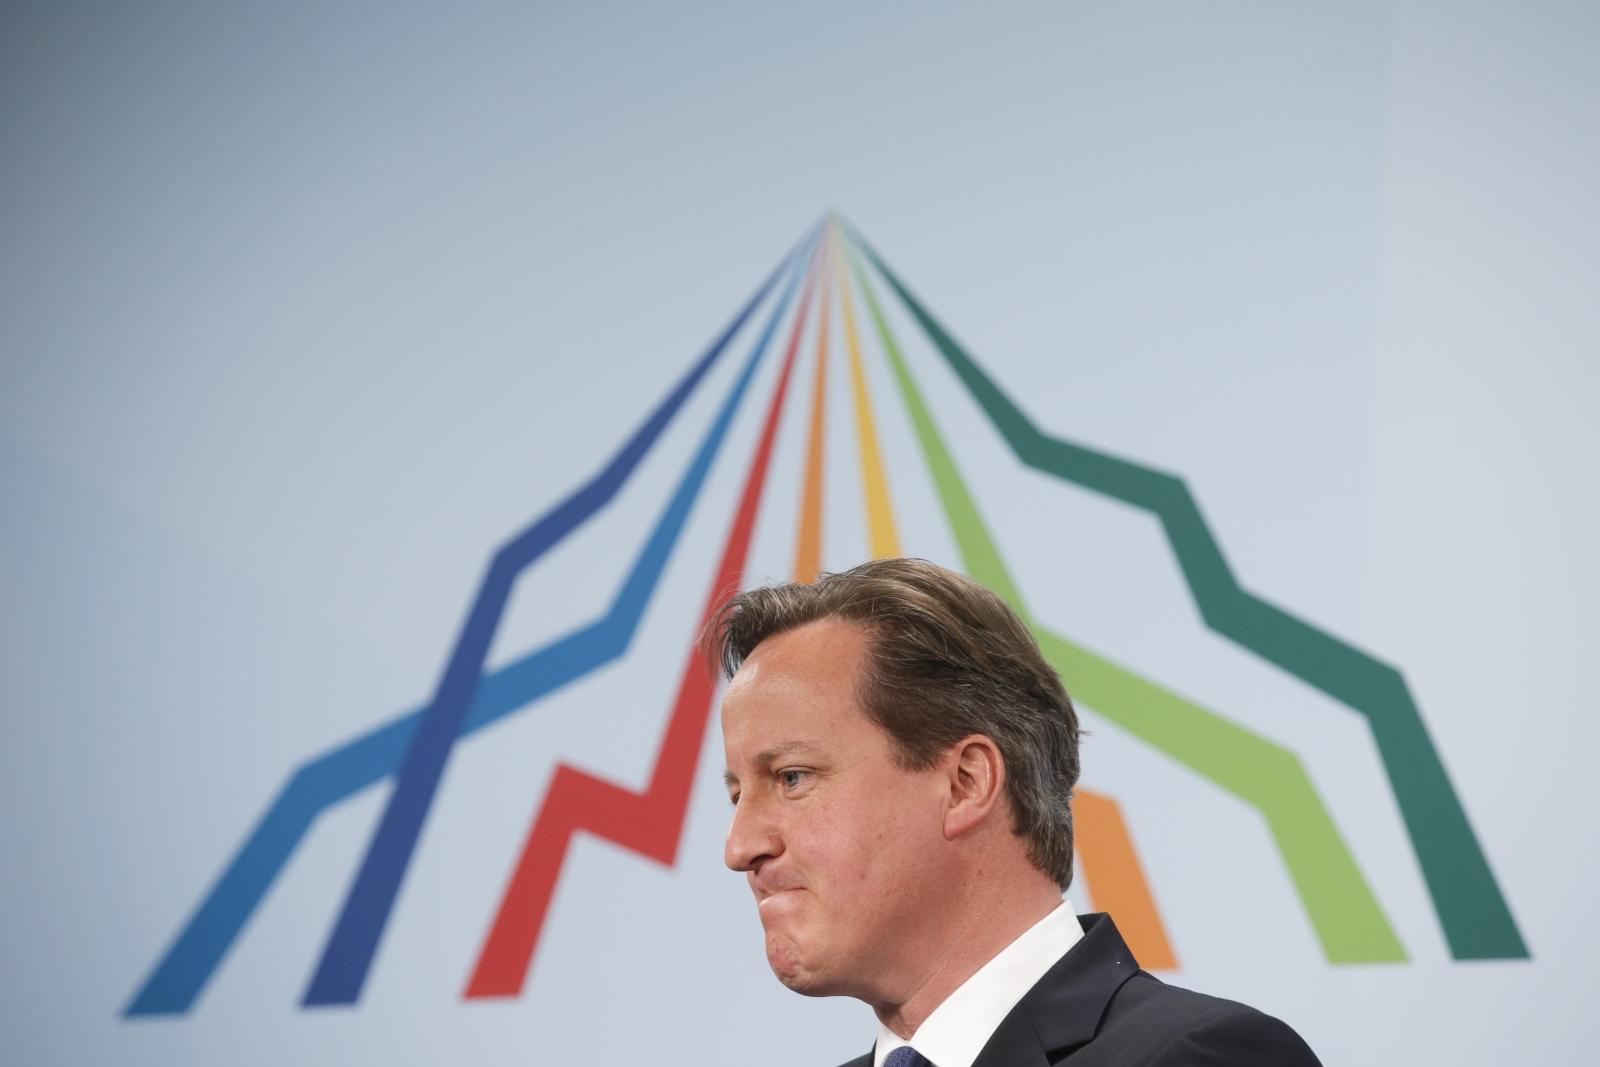 David Cameron G7